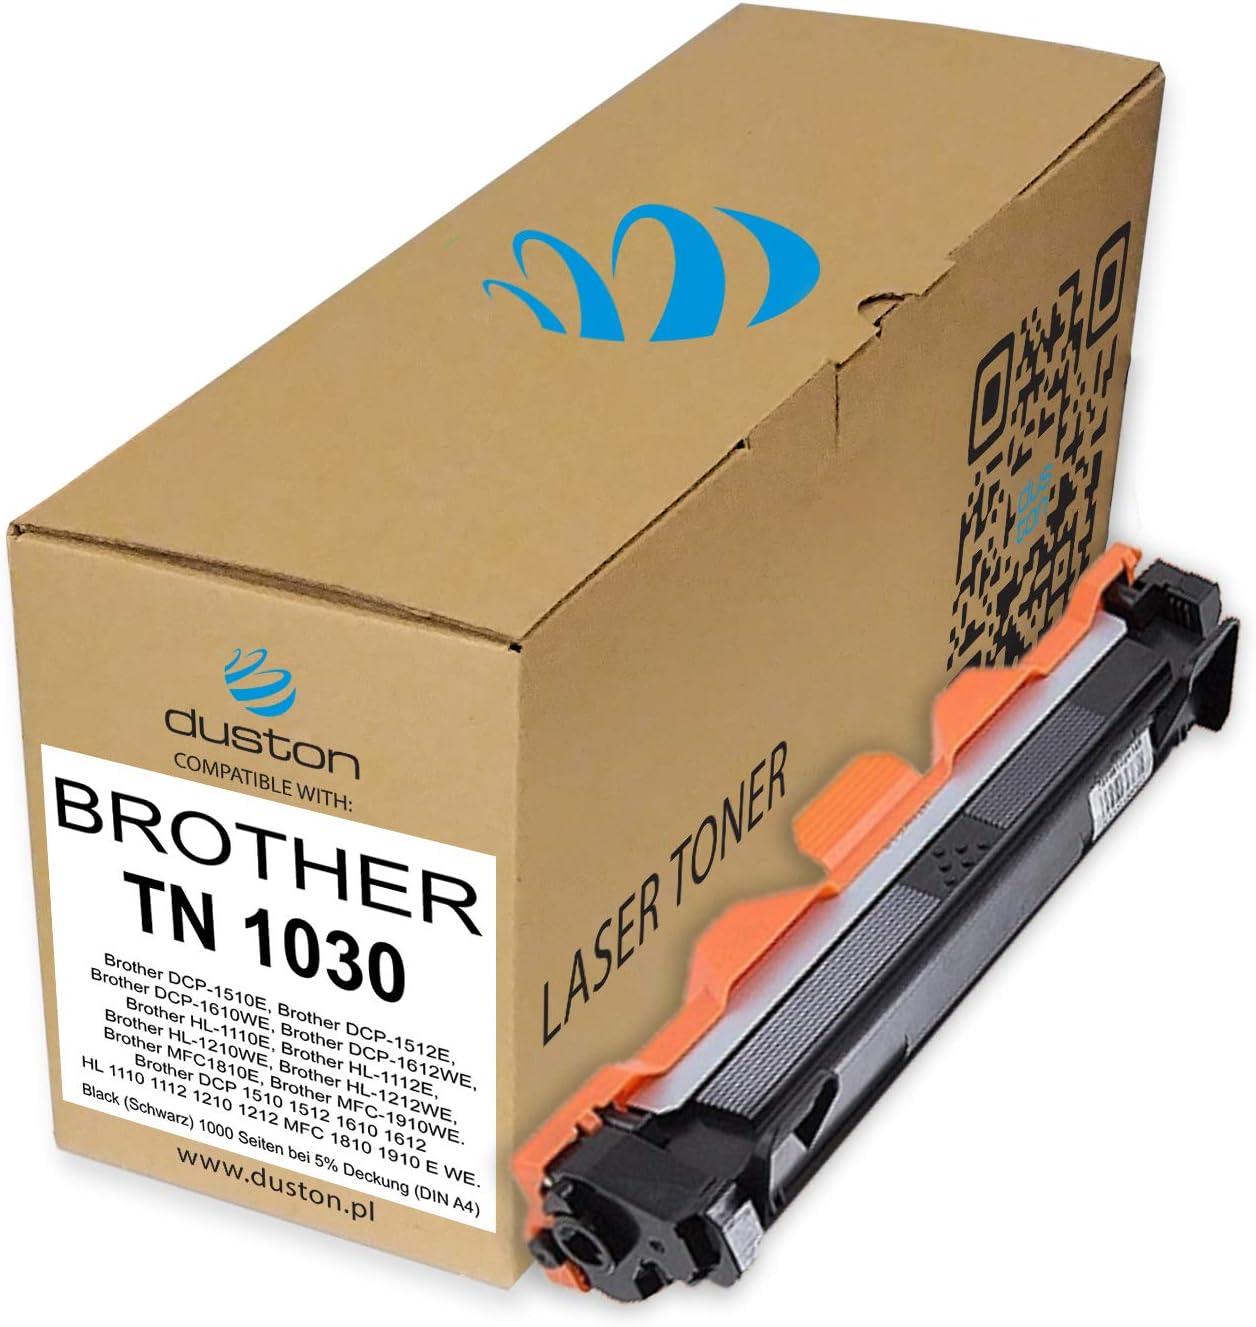 Tn1030 Tn 1030 Schwarz Duston Toner Kompatibel Zu Brother Dcp 1510 1512 1610 1612 Hl 1110 1112 1210 Mfc 1810 1910 Bürobedarf Schreibwaren